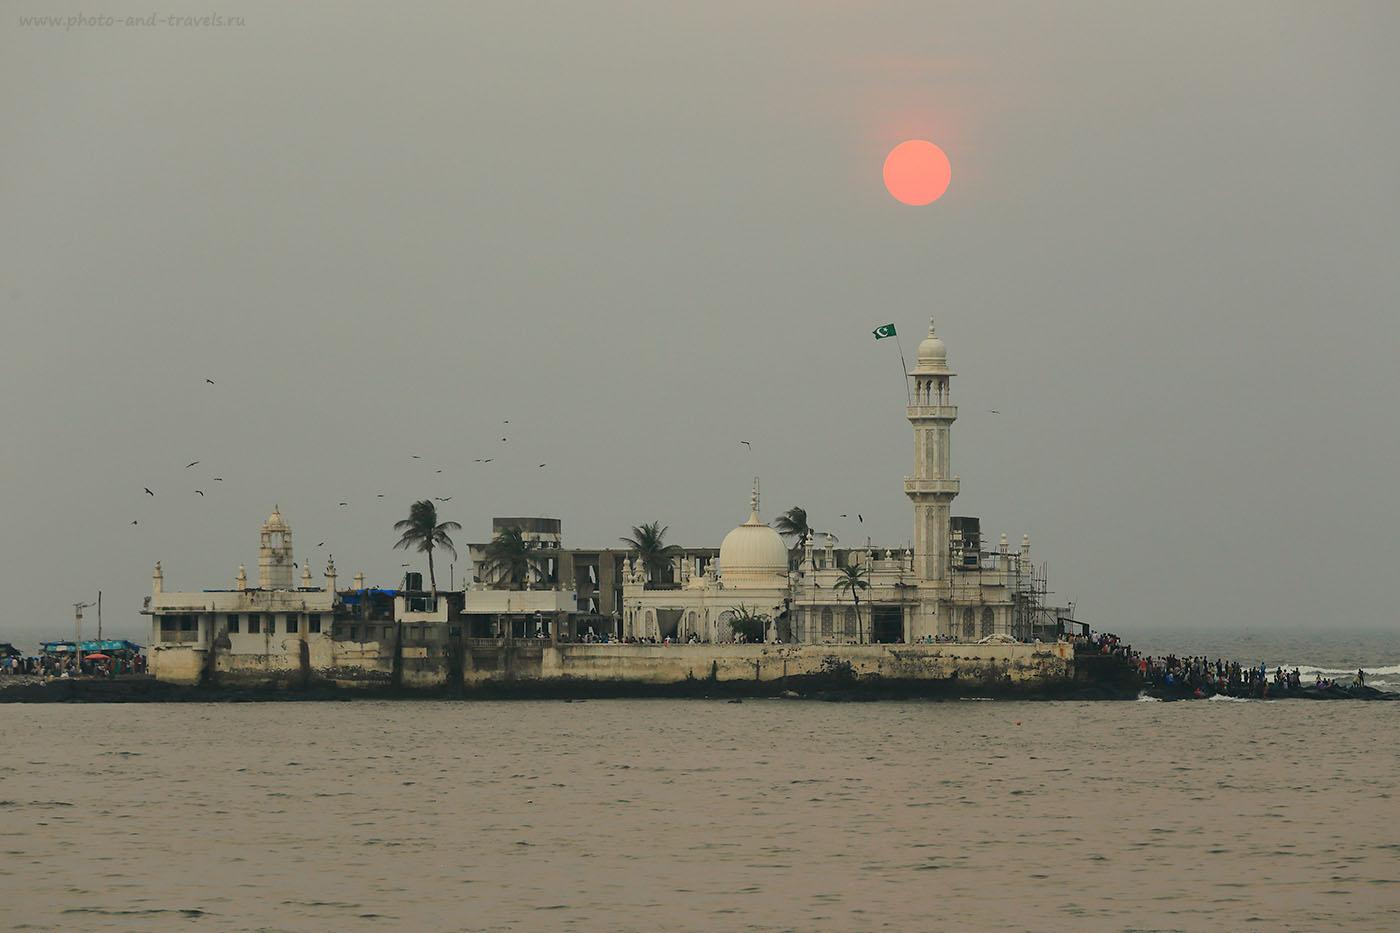 24. Мечеть Хаджи Али в Мумбаи (Haji Ali Dargah). Отчеты о путешествии по Индии. Фотоаппарат Canon EOS 6D. Объектив Canon 70-200/4. Настройки при съемке: 1/200, -1eV, f9, 169 mm, ISO 100)